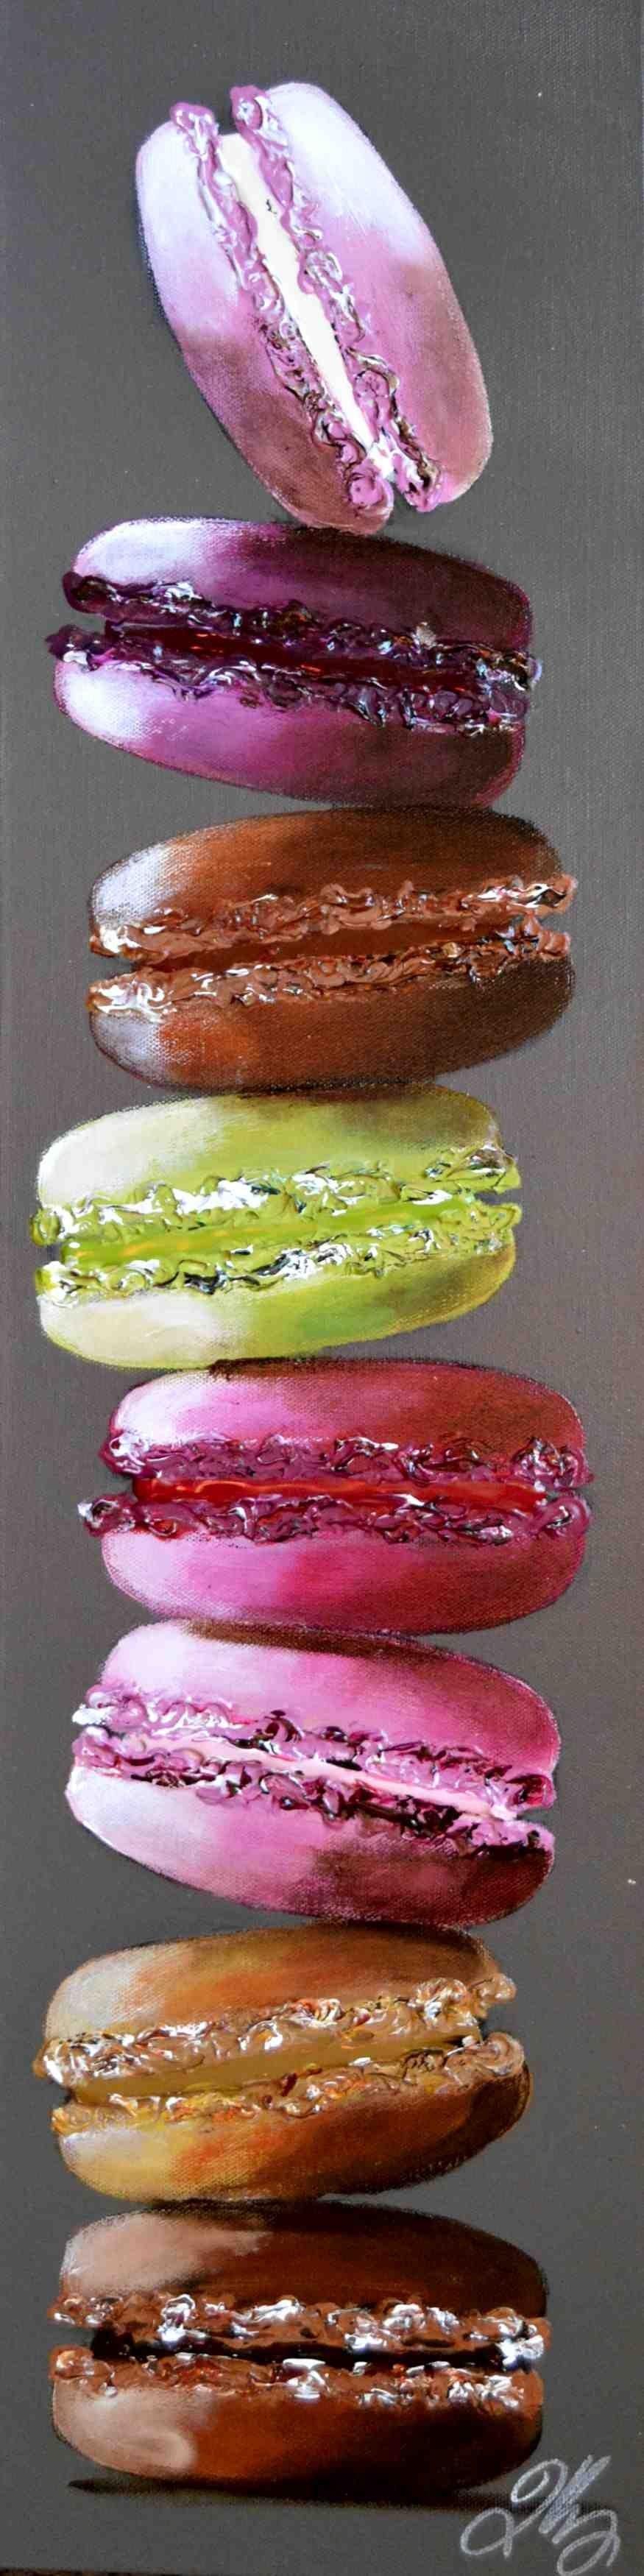 Les Macarons de Chez Moreau à Dinard